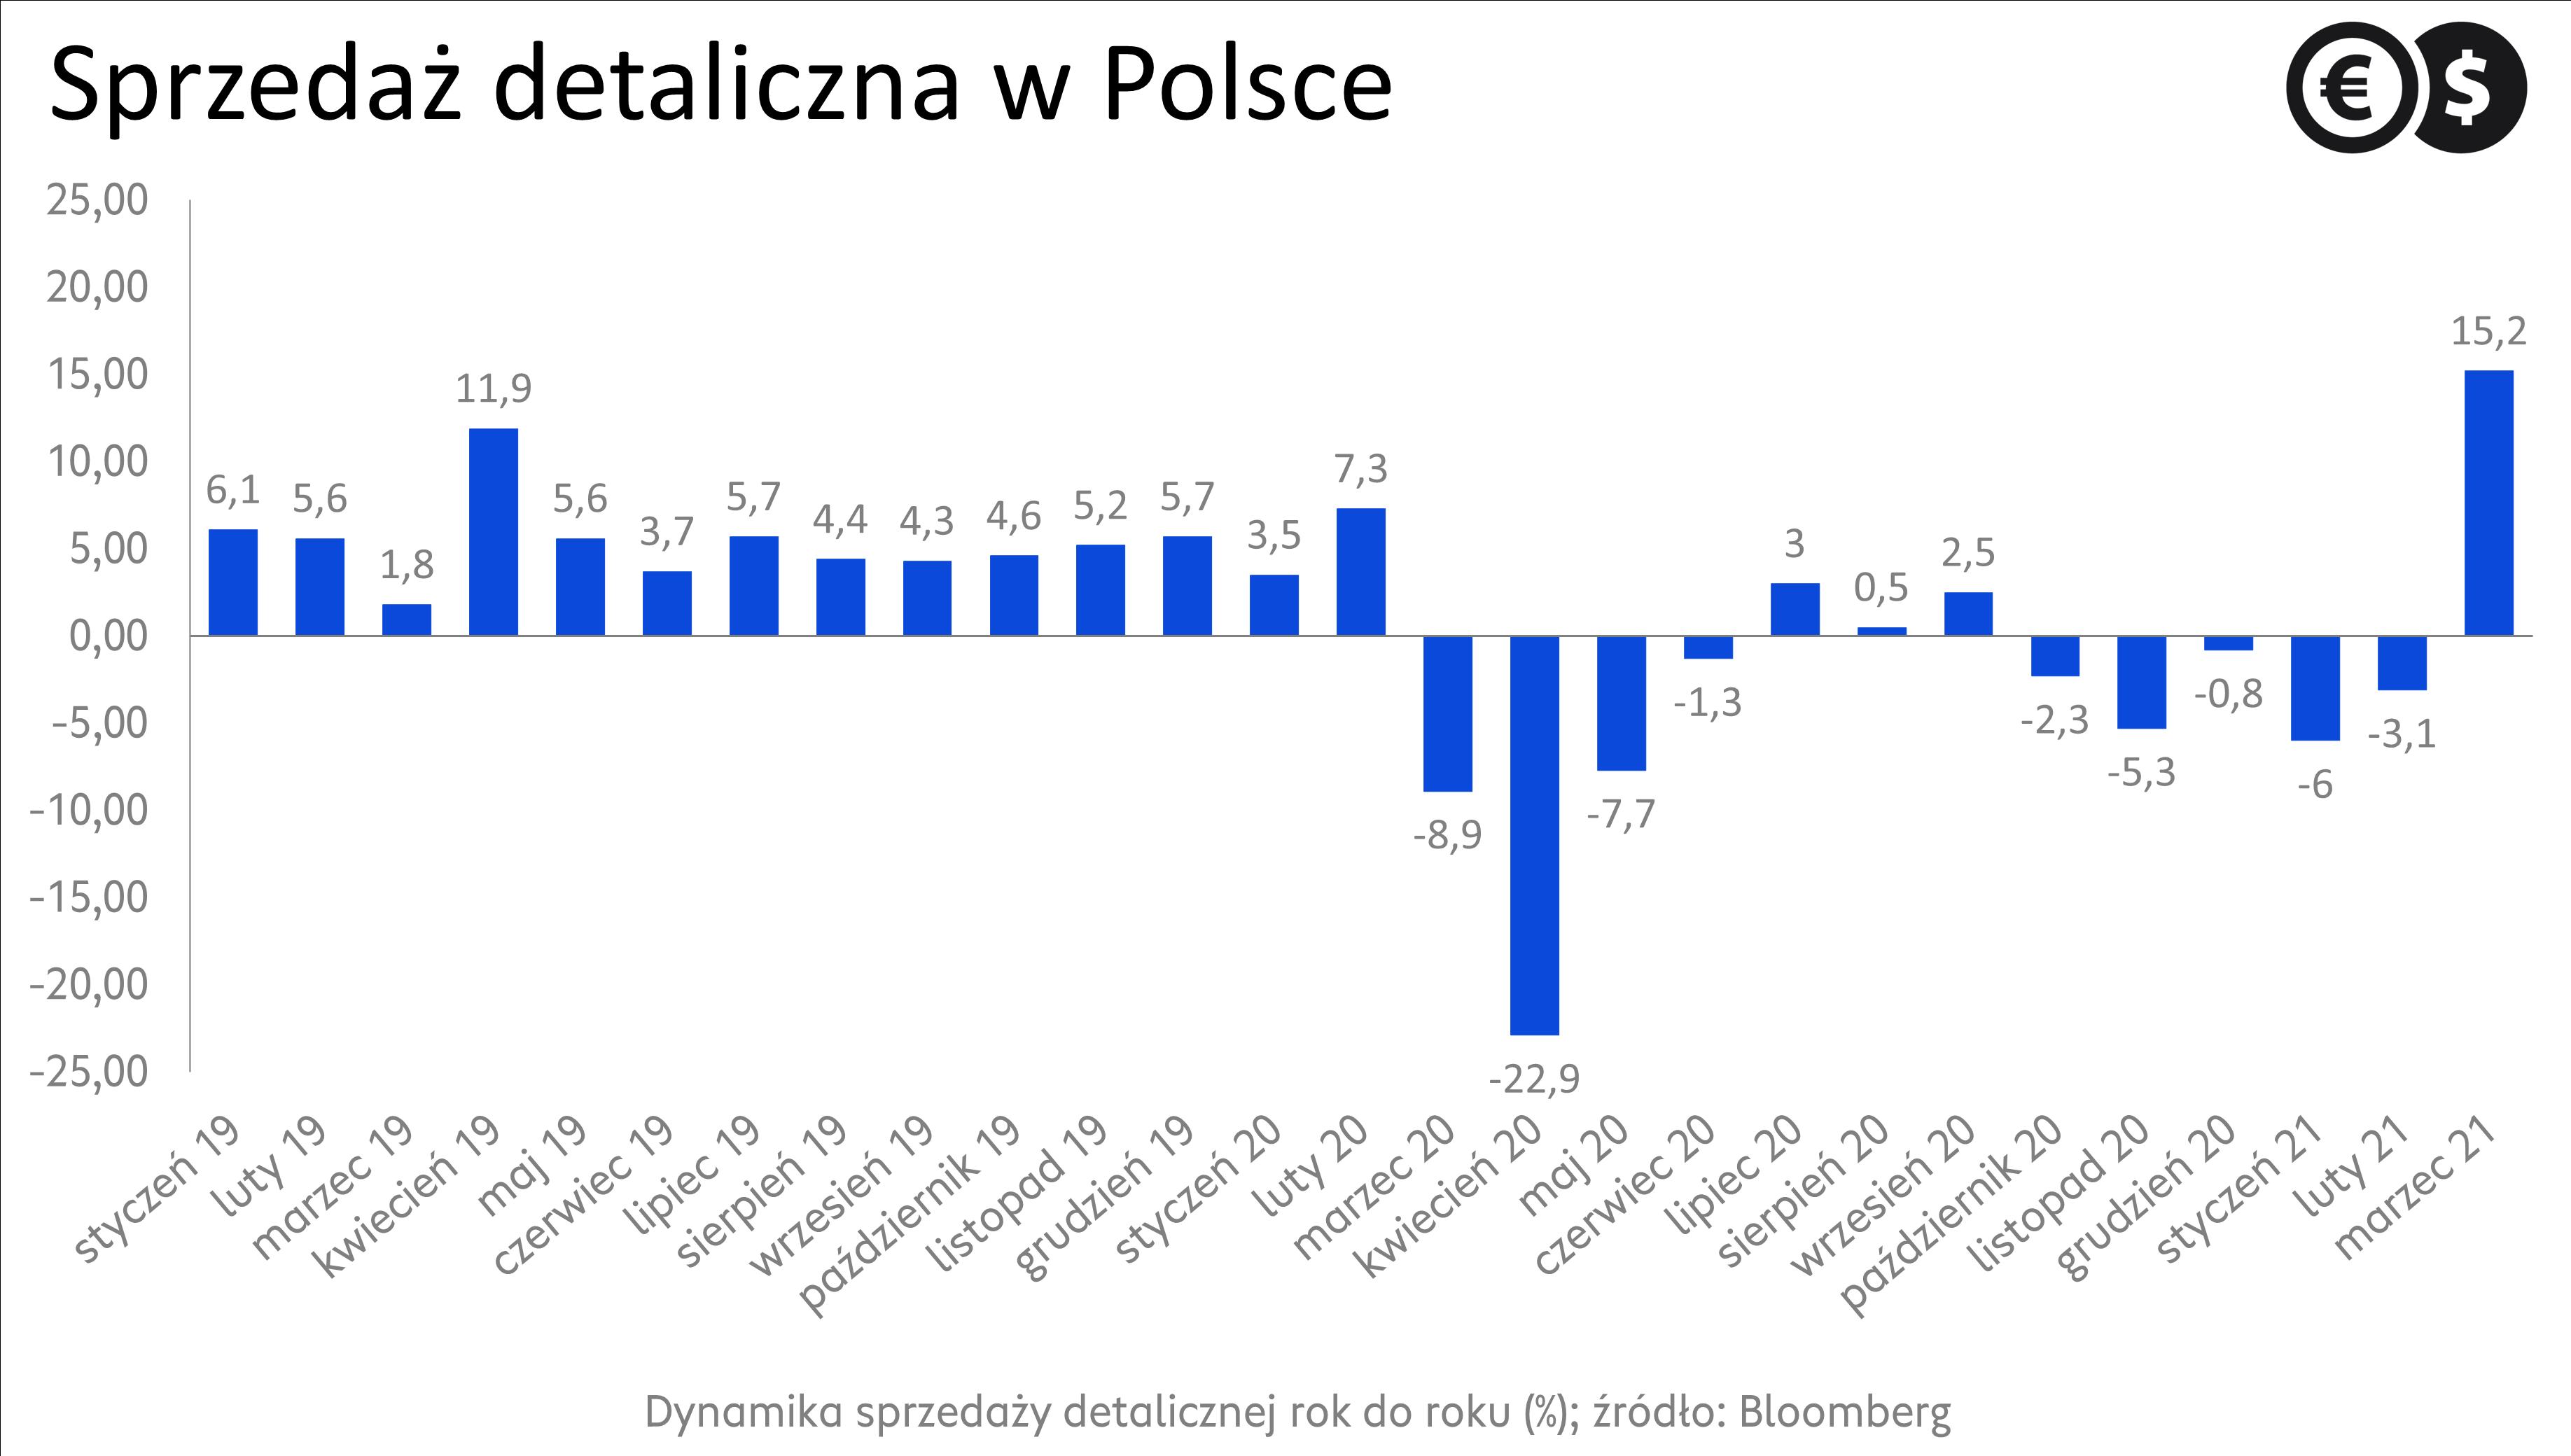 Sprzedaż detaliczna w Polsce, źródło: Bloomberg